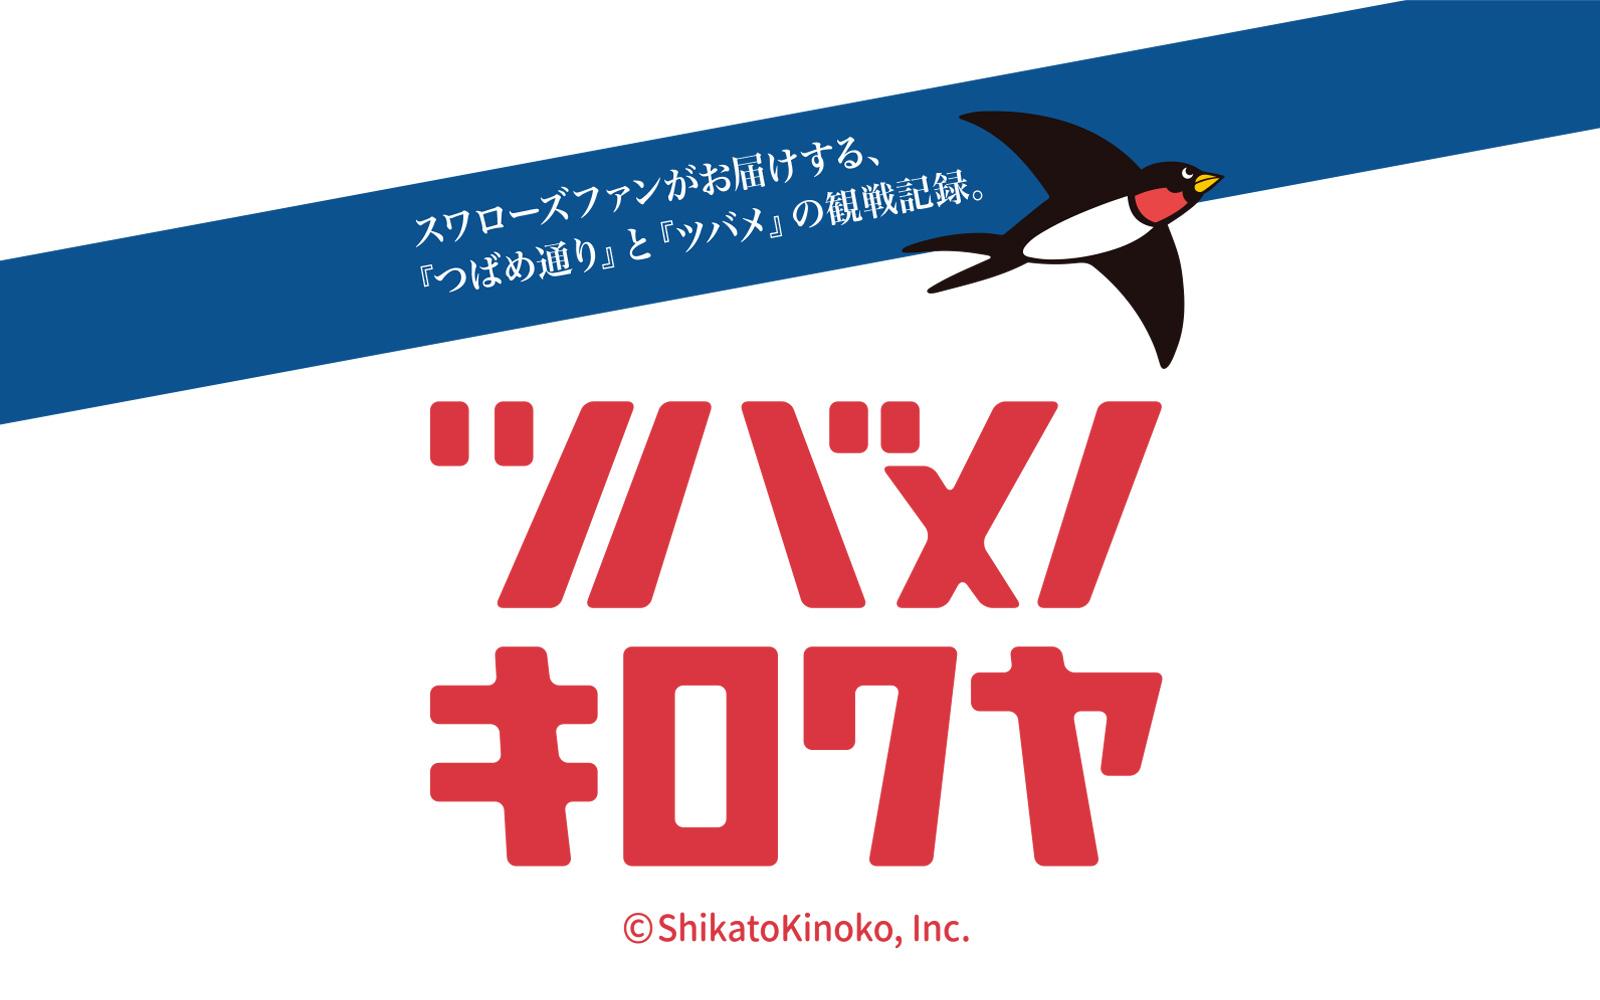 ツバメノキロクヤ(燕観戦家ハジマリコ)